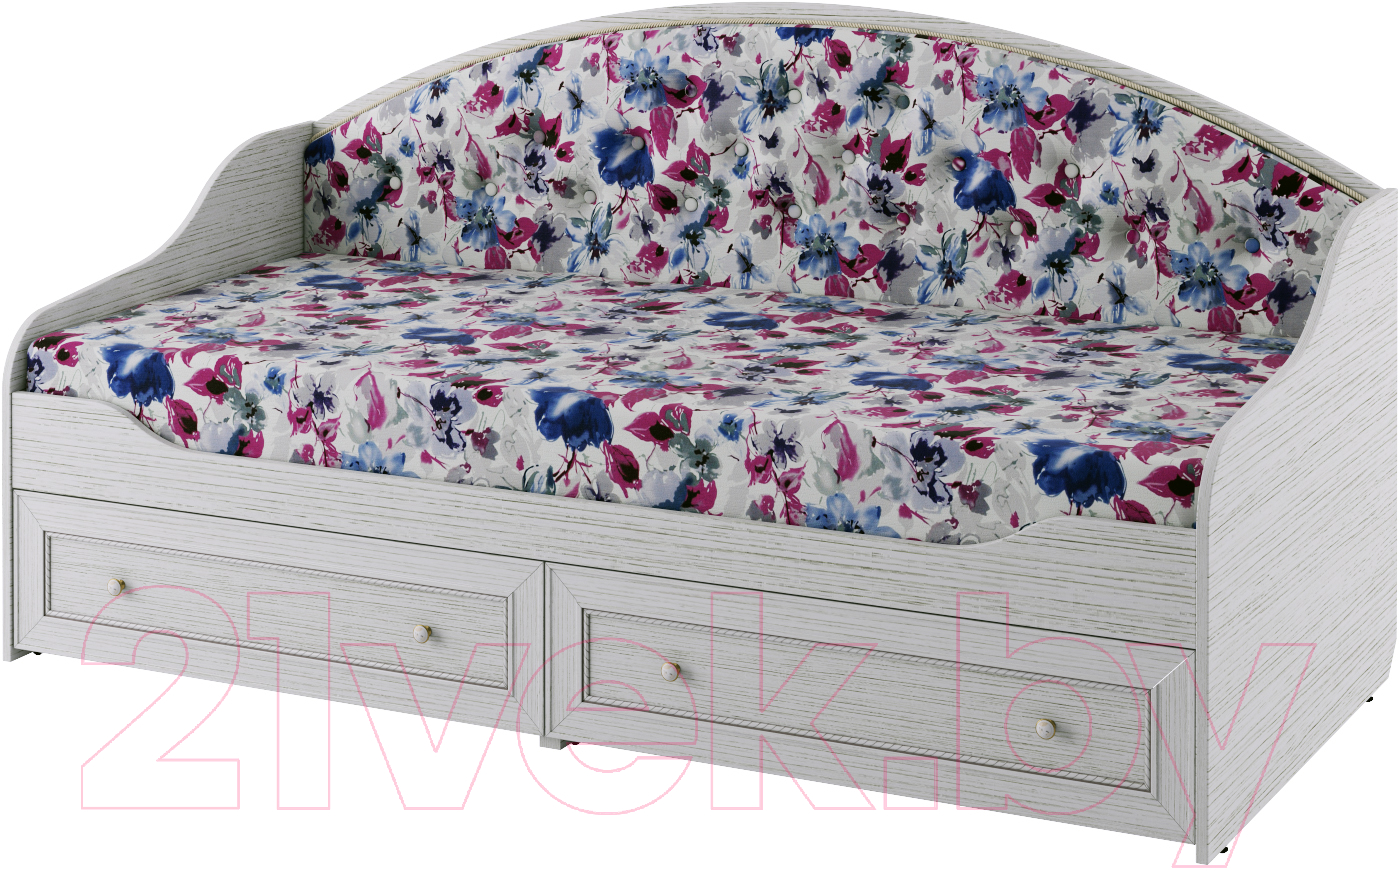 Купить Односпальная кровать Softform, Стрекоза (гасиенда/акварель 04), Беларусь